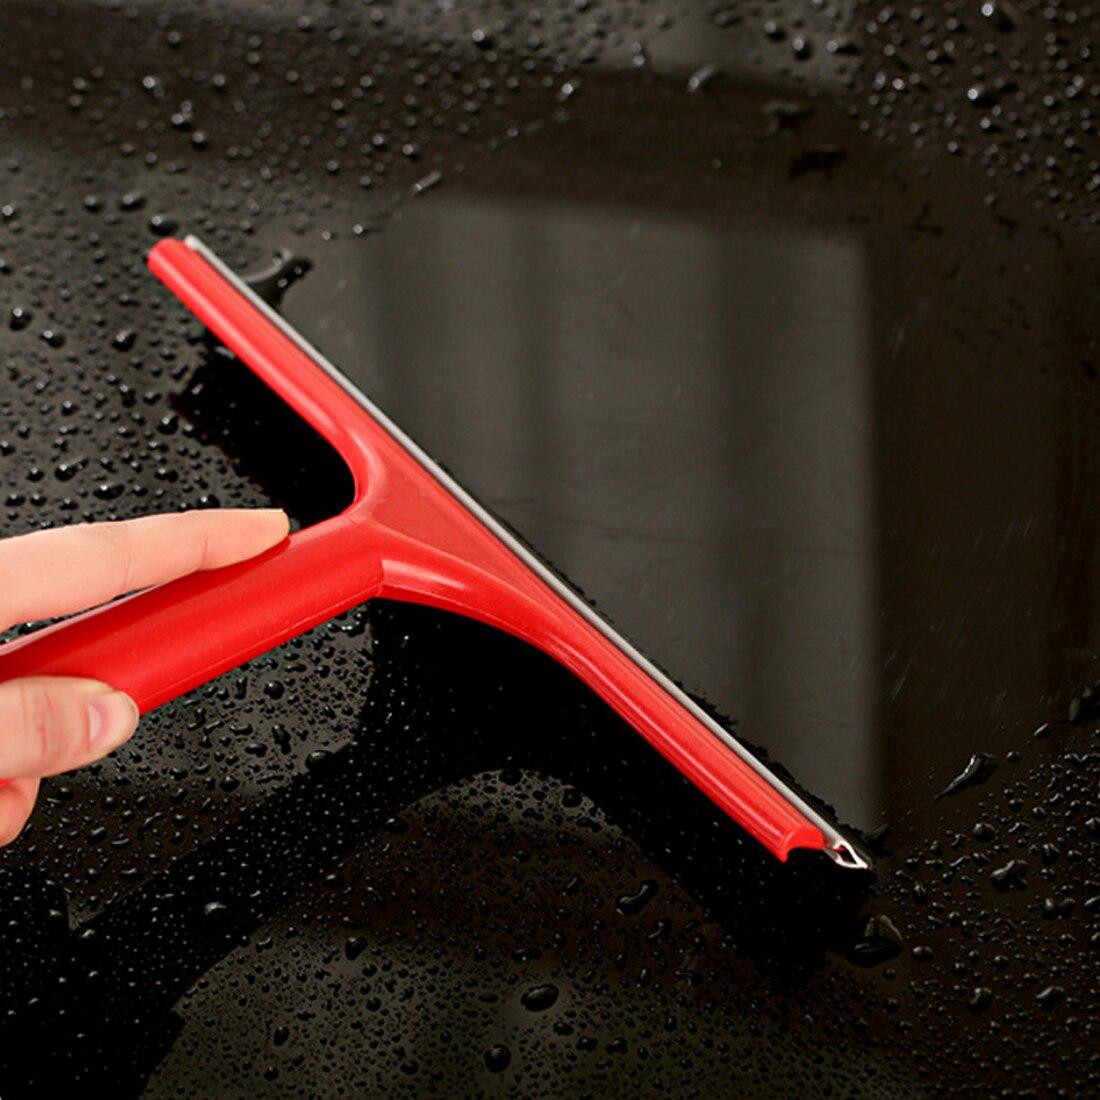 Бу-бауты Новинка 2017 года автомобиля силикона вода стекла мыло cleaner скребок сгон окна лобовое стекло автомобиля инструмент для очистки